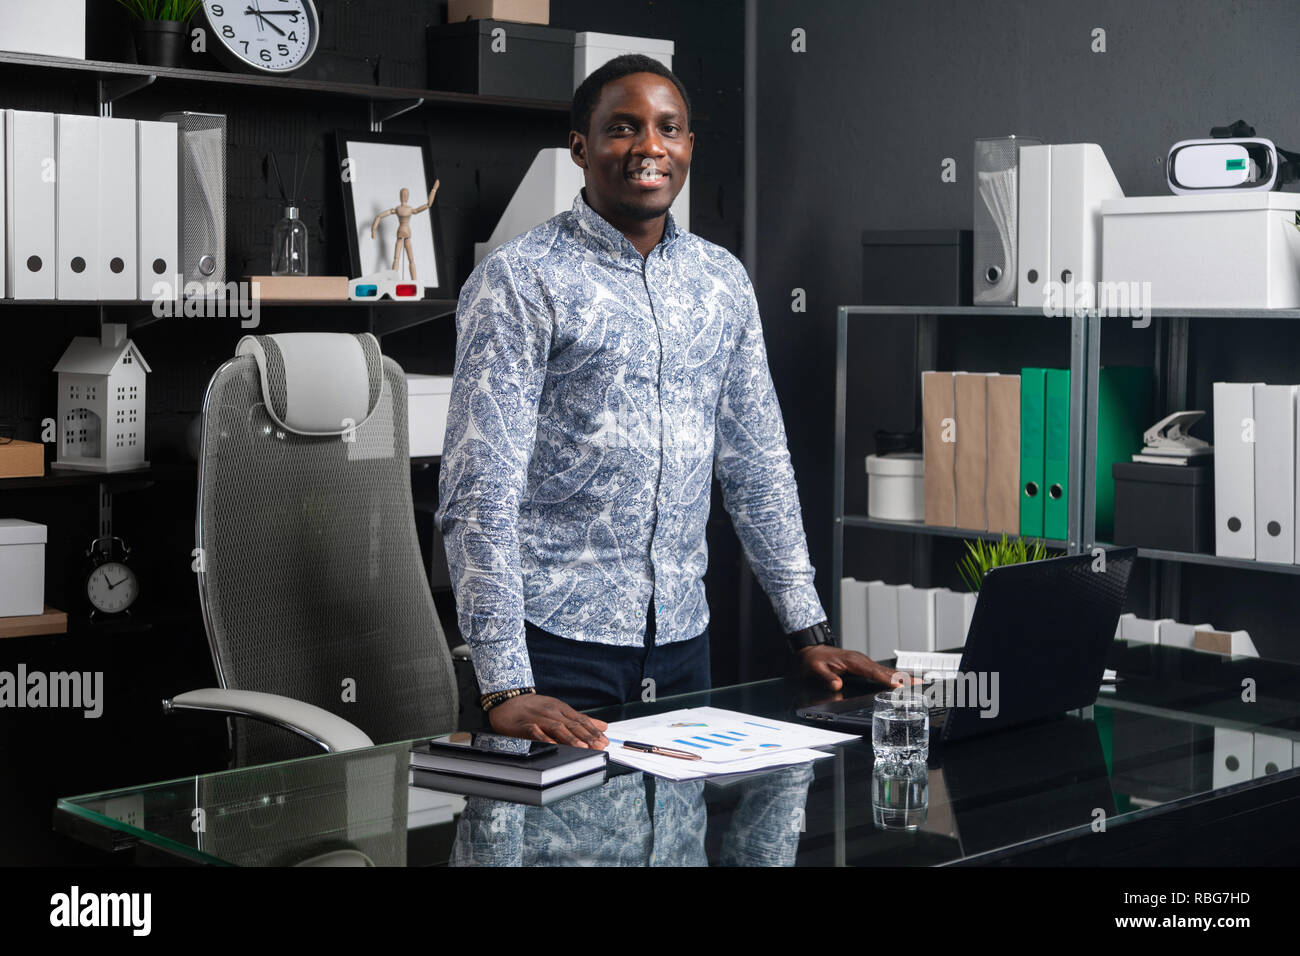 Retrato de tres cuartas partes de largo negro joven empresario parado cerca del escritorio de oficina Imagen De Stock